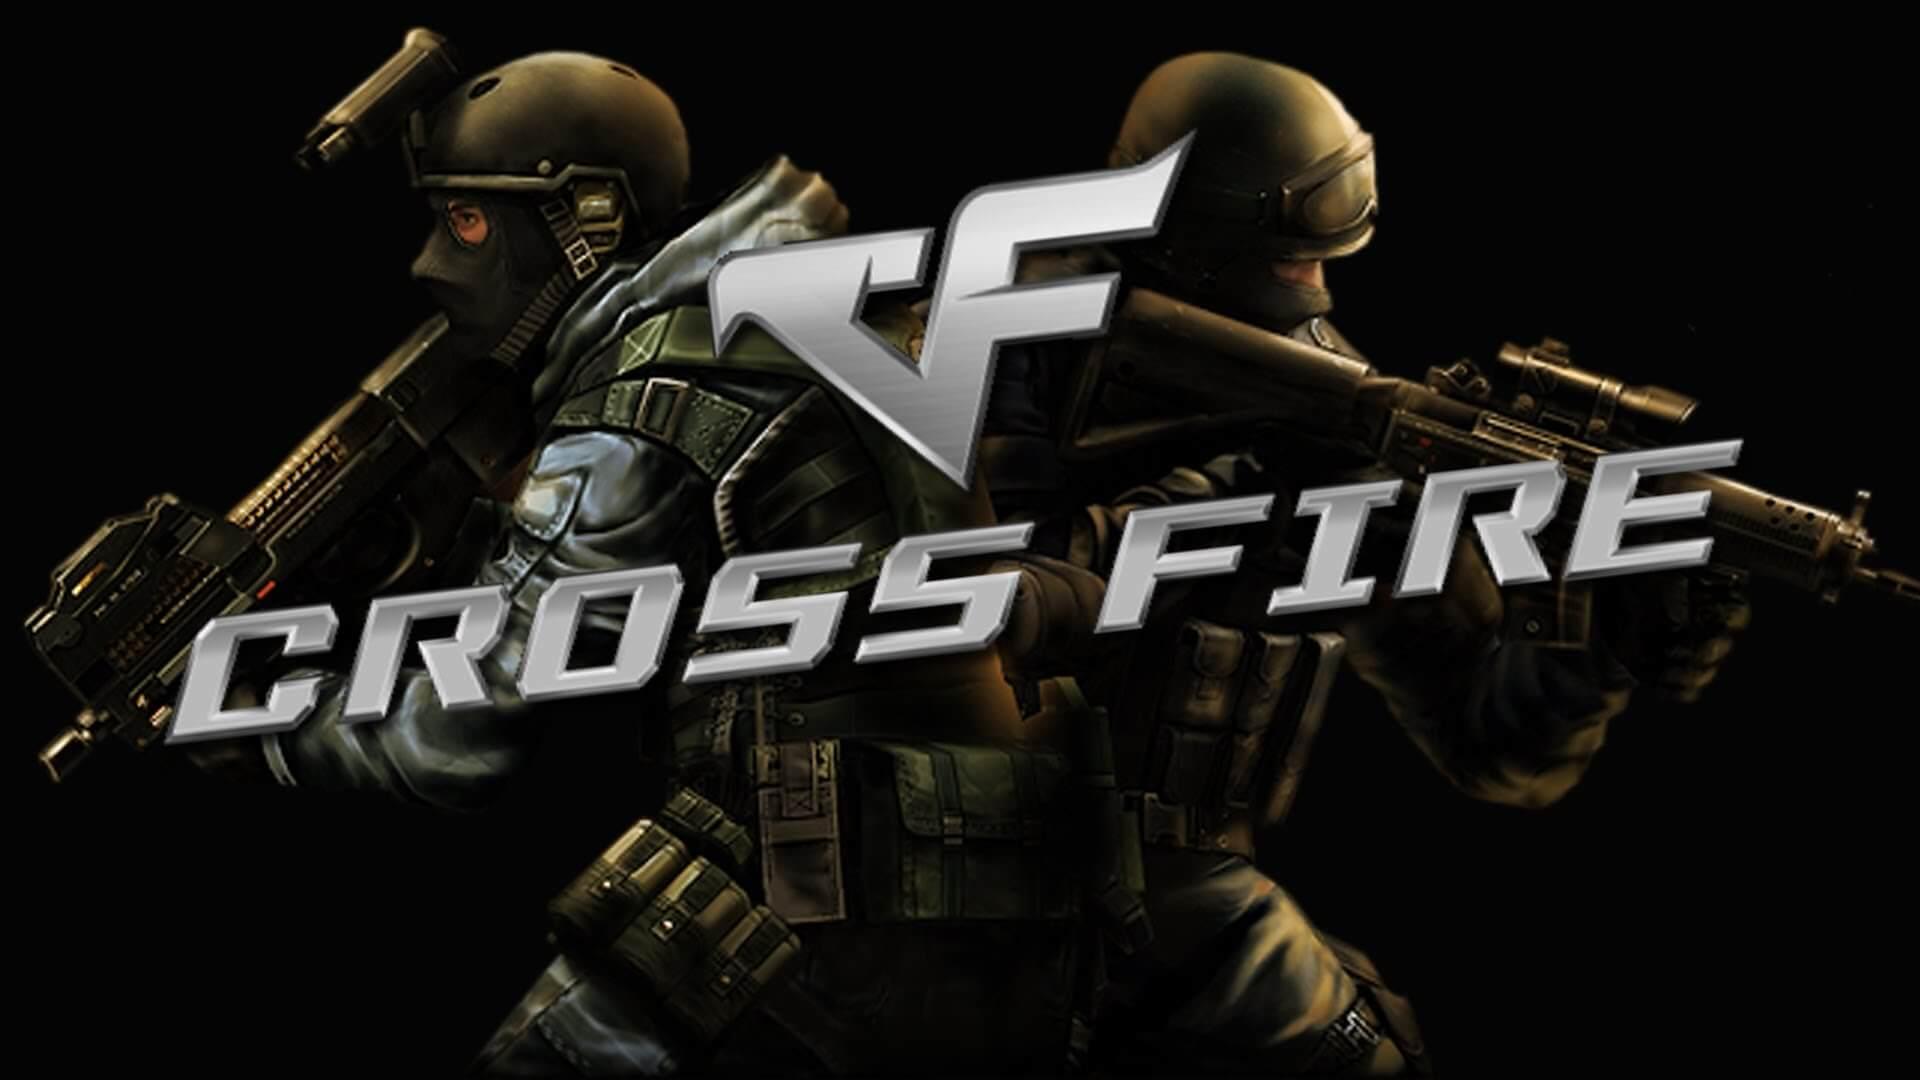 промо код crossfire